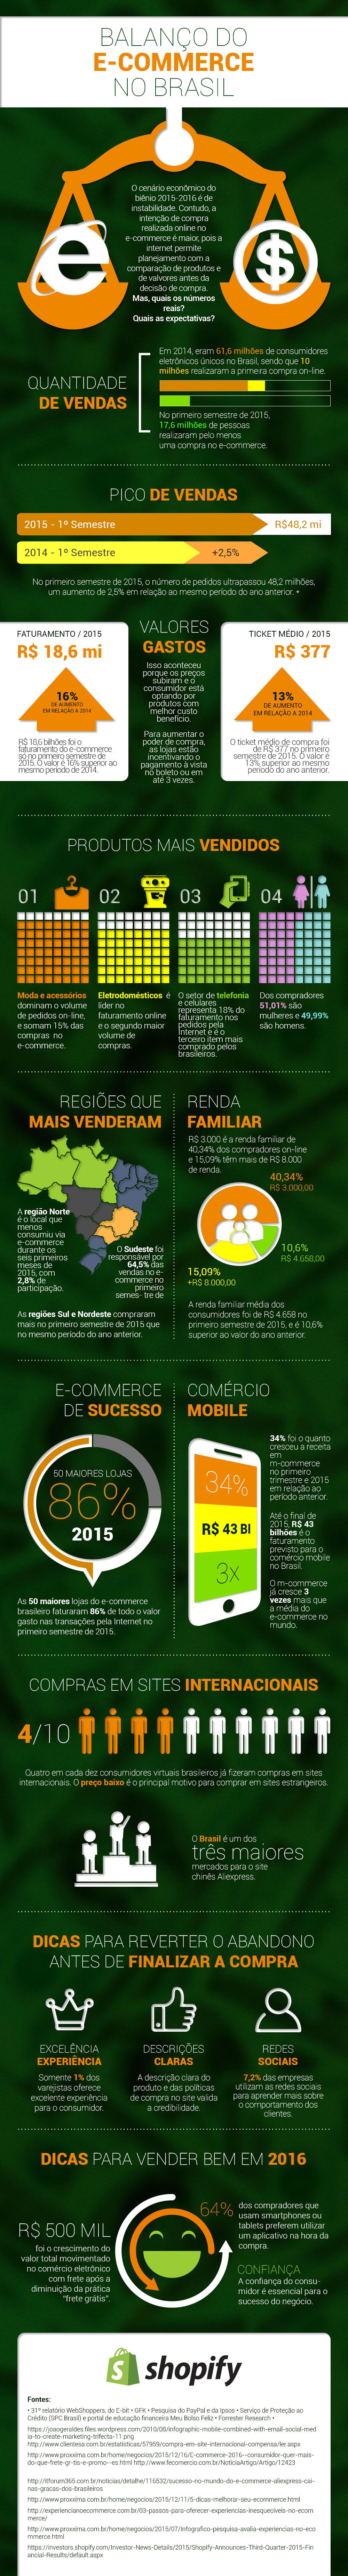 Comércio eletrônico: saiba quais são os segmentos líderes no Brasil